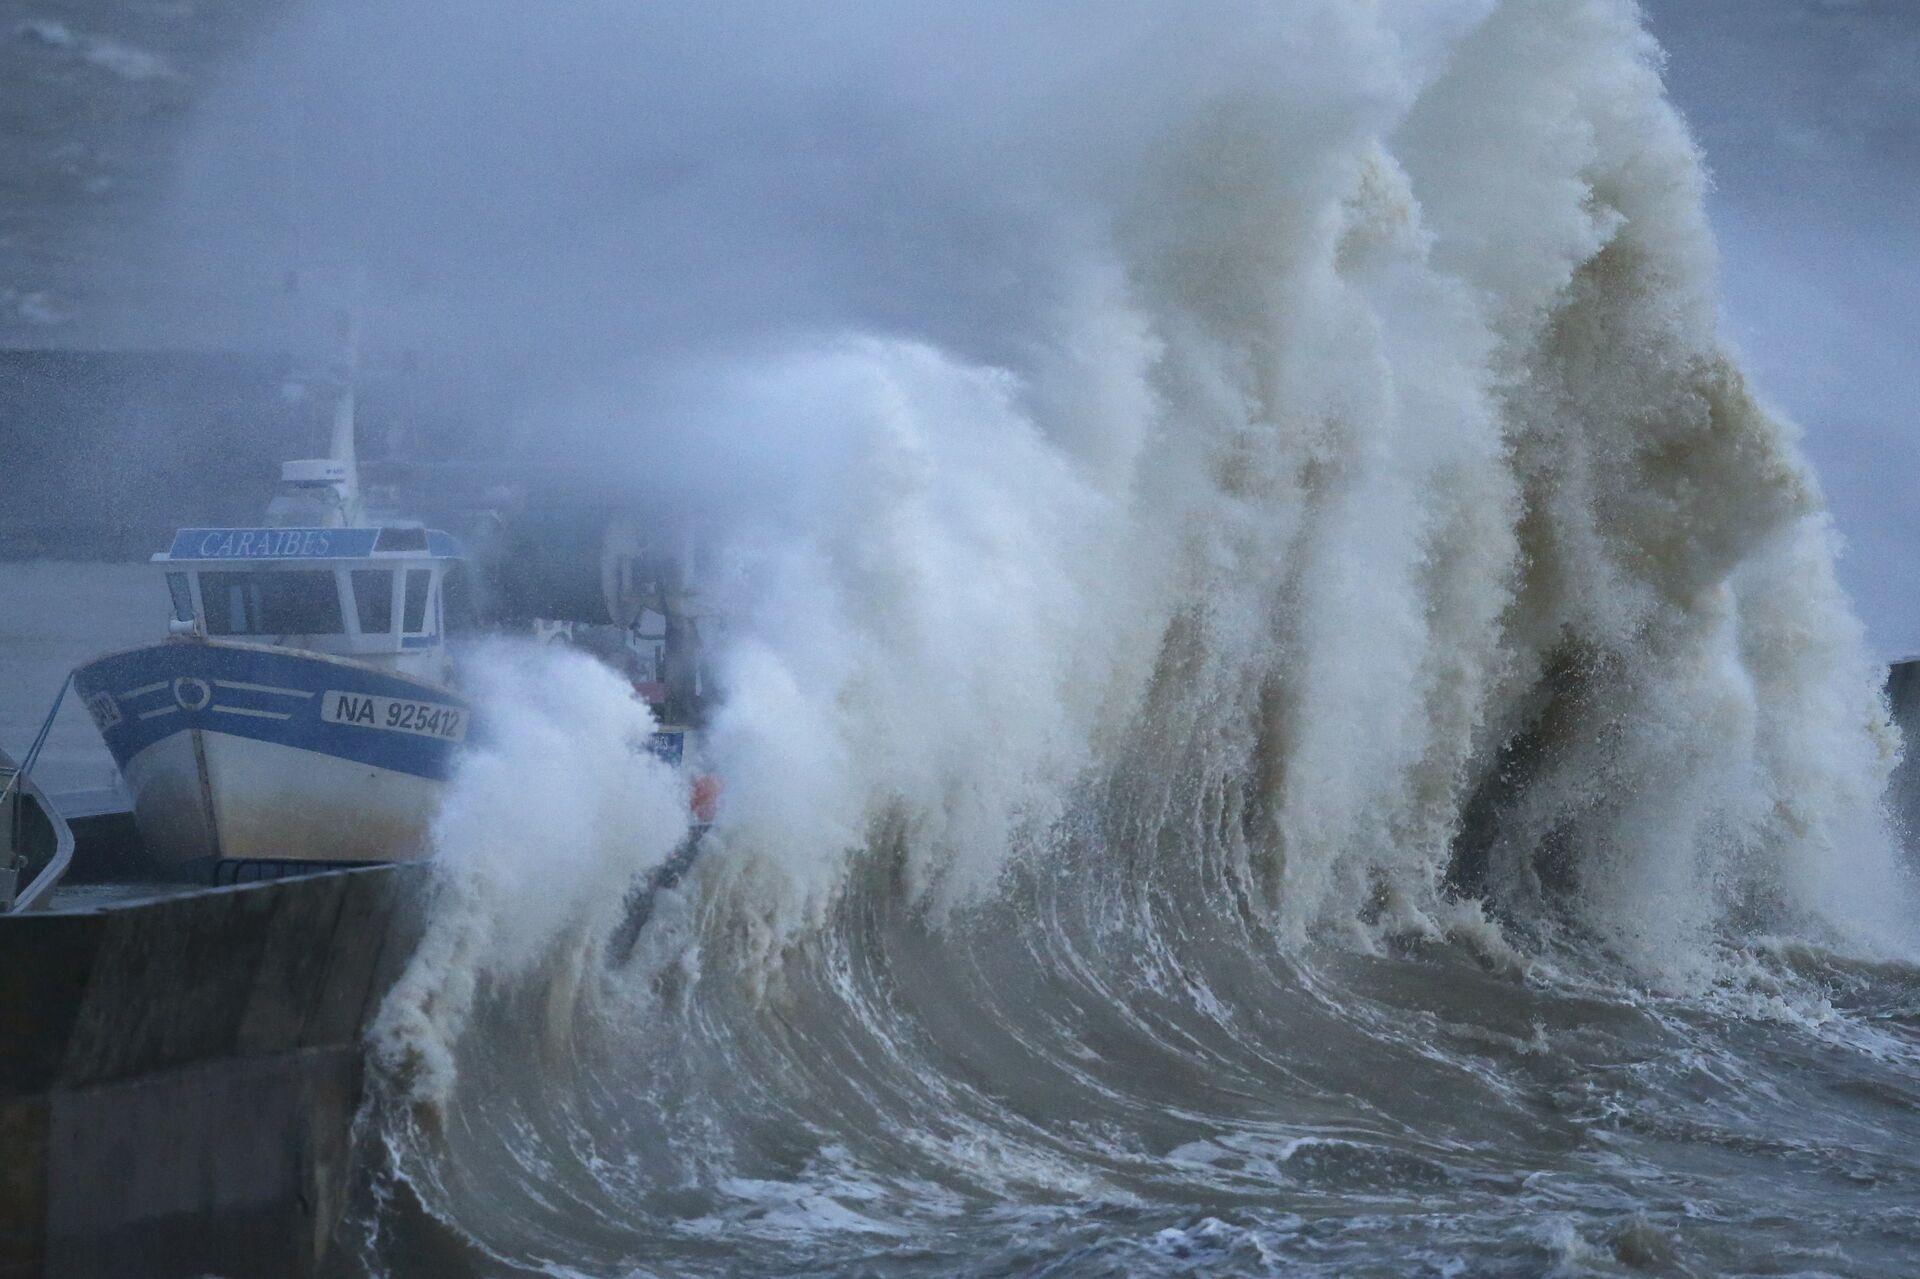 Волны во время шторма в рыбацкой гавани во Франции - РИА Новости, 1920, 23.10.2020